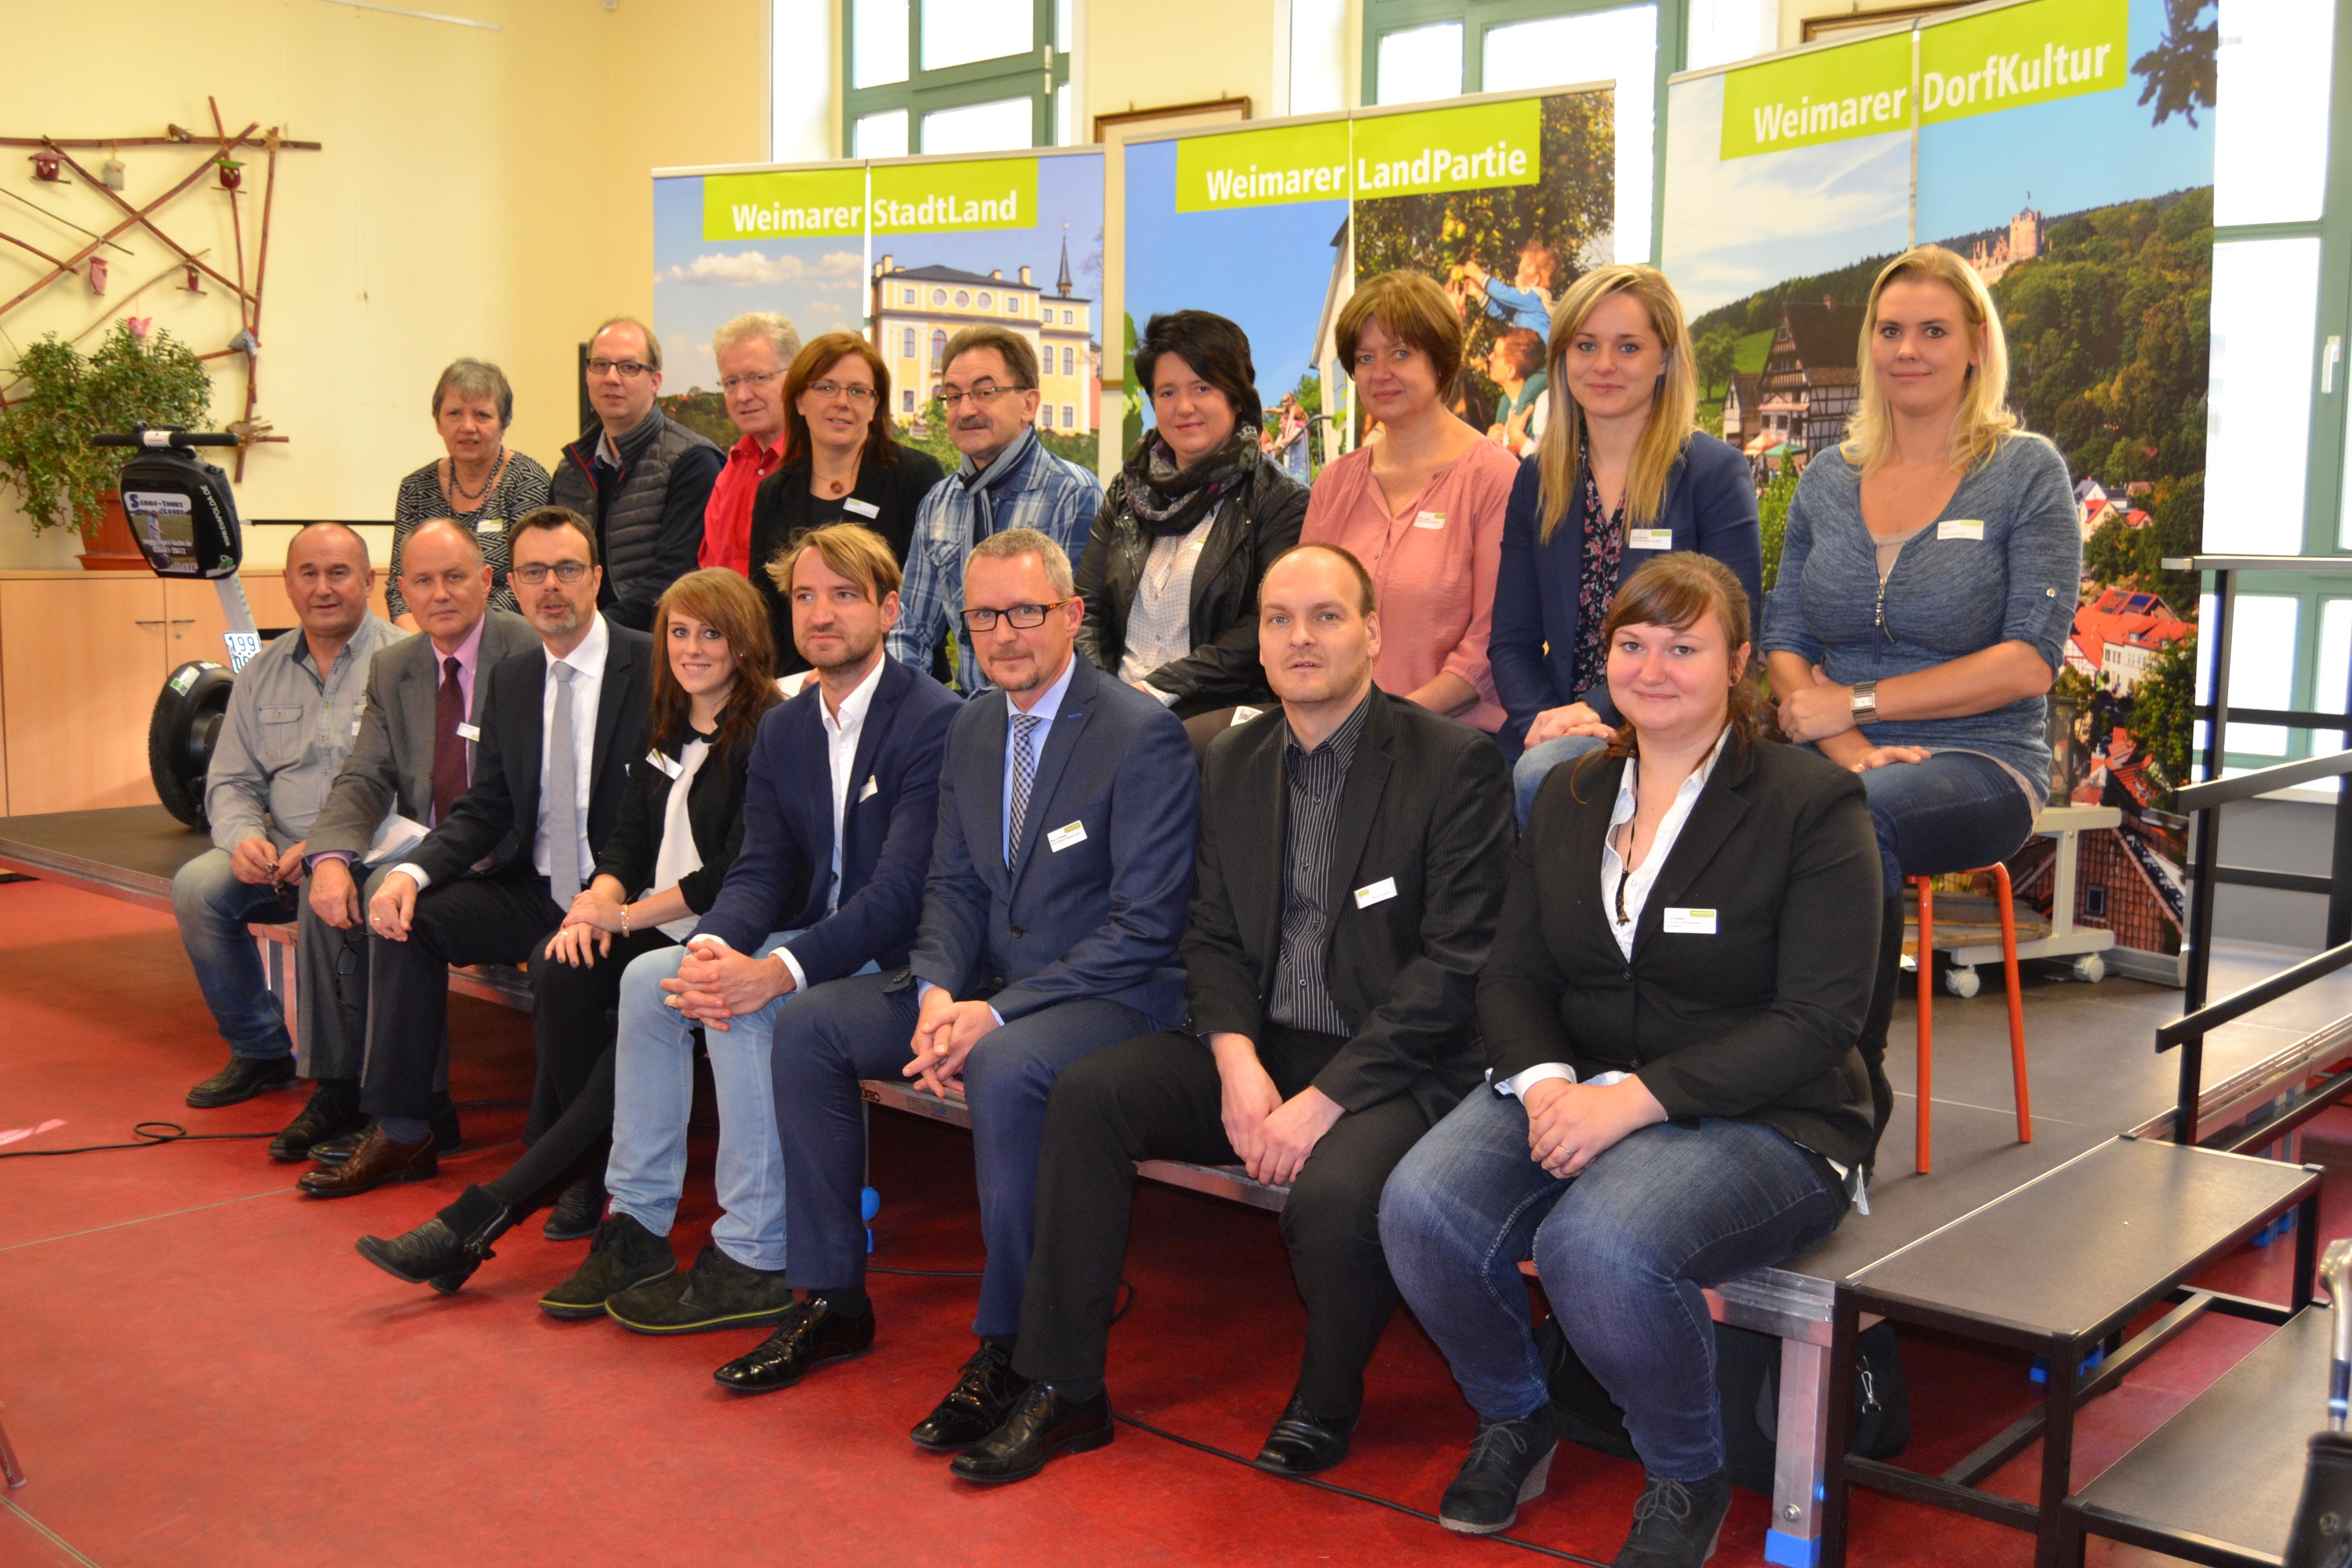 Akteure zur Präsentation des Tourismuskonzeptes  (Weimarer Land Tourismus e.V.)